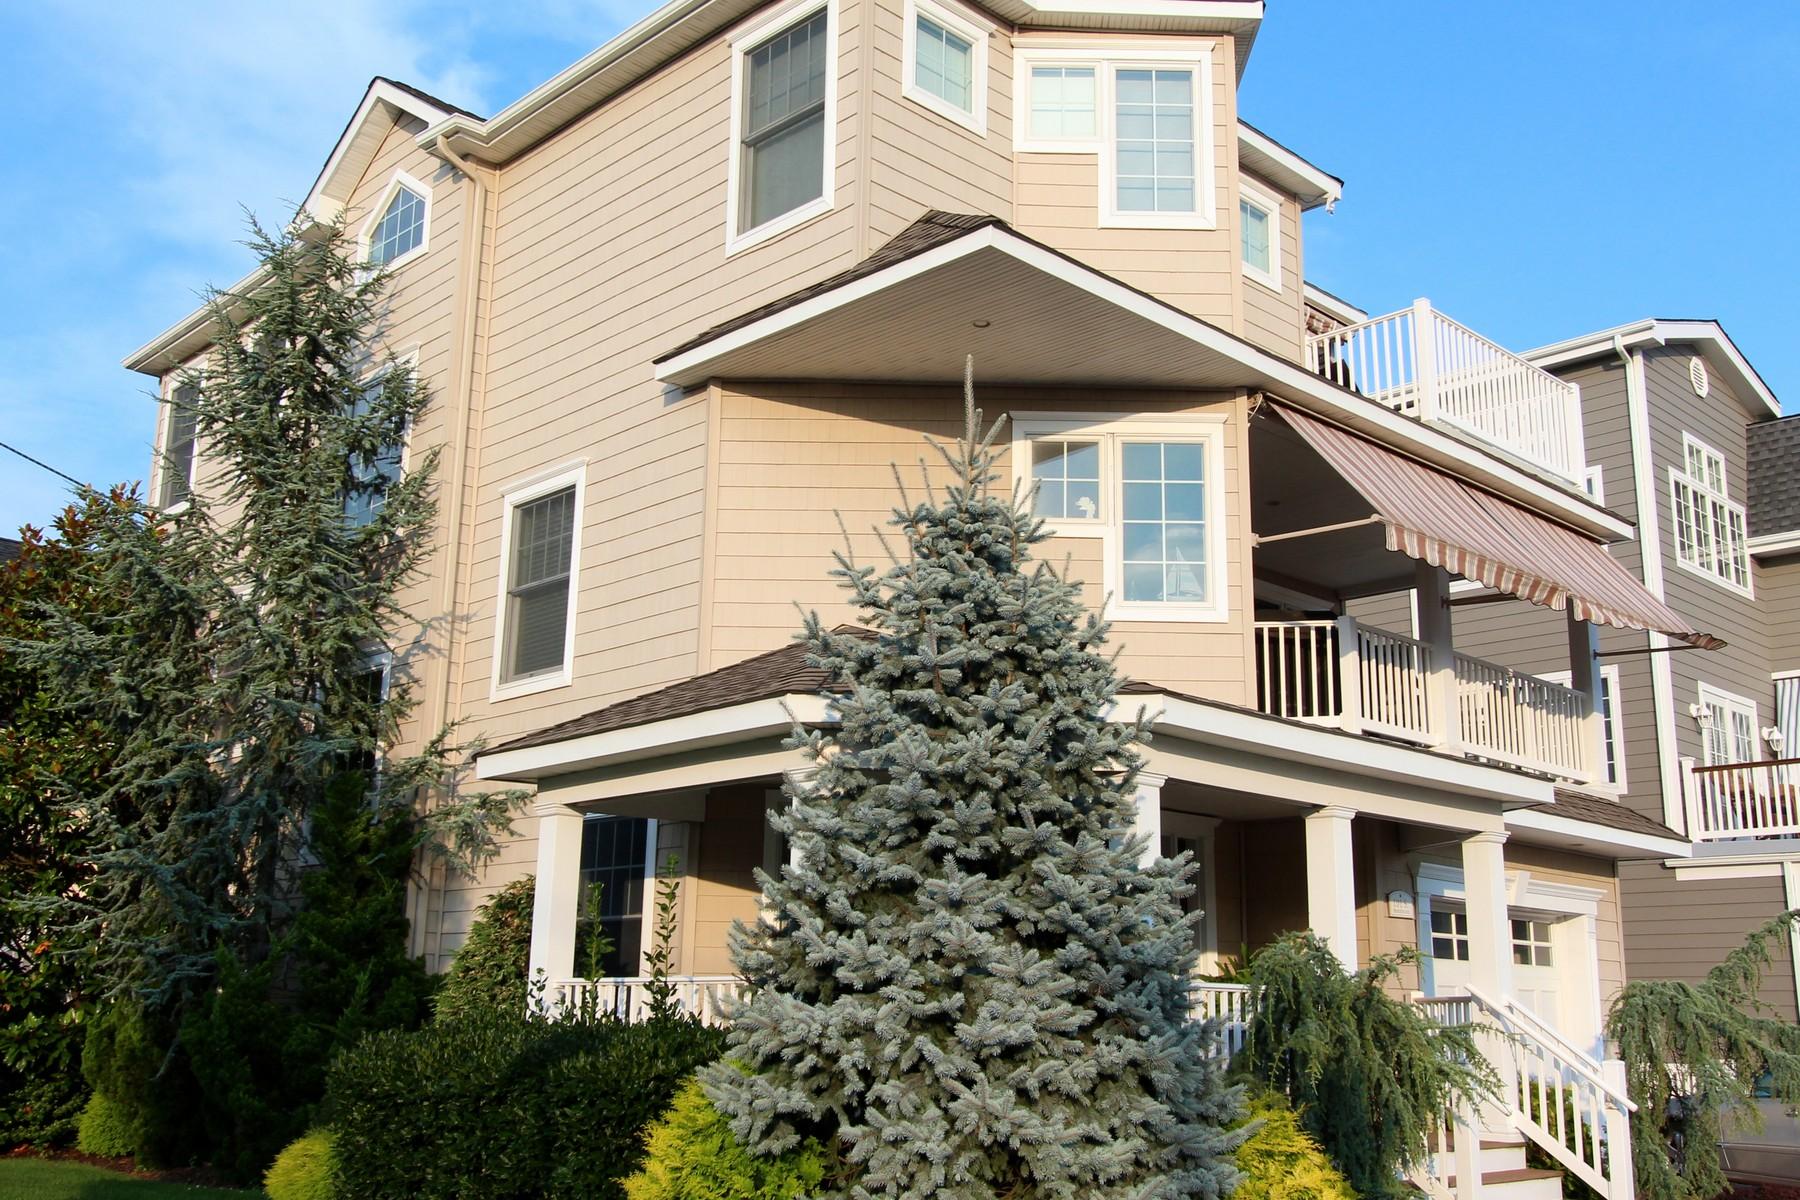 Maison unifamiliale pour l Vente à 101 S Princeton Ave 101 S Princeton Ave BEACHBLOCK Ventnor, New Jersey 08406 États-Unis